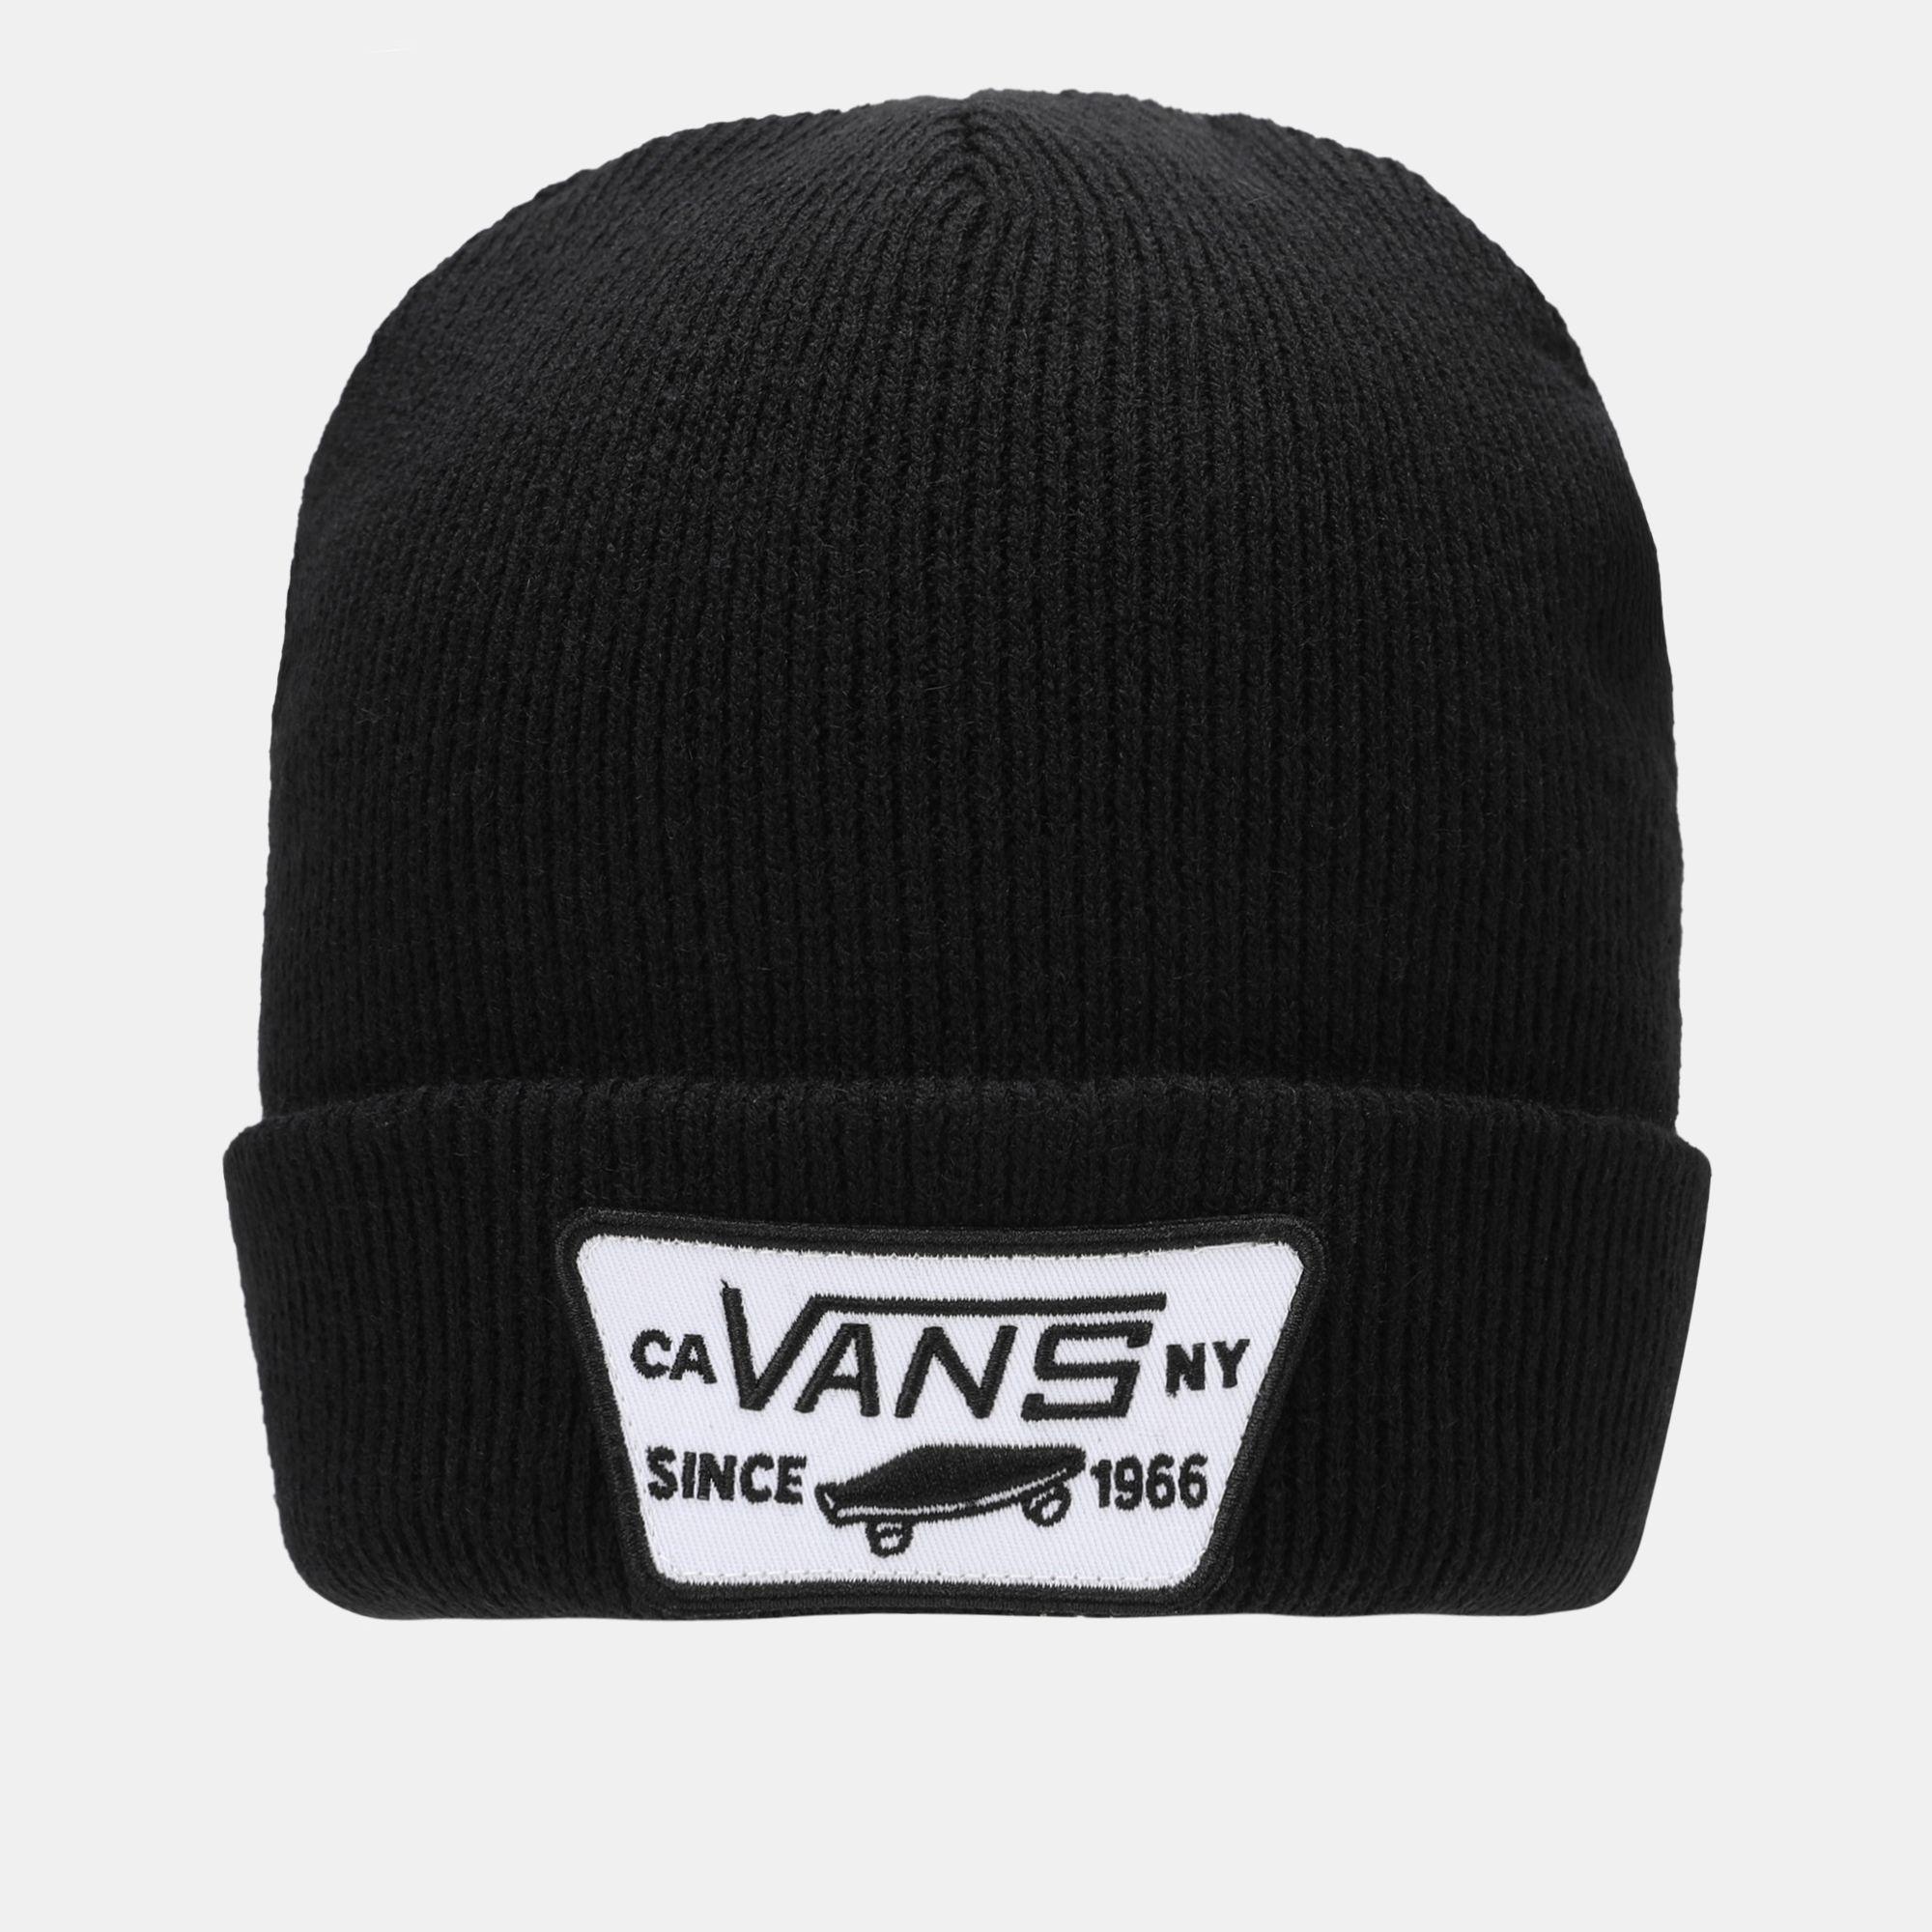 Vans Milford Beanie - Black 51b35d2d102